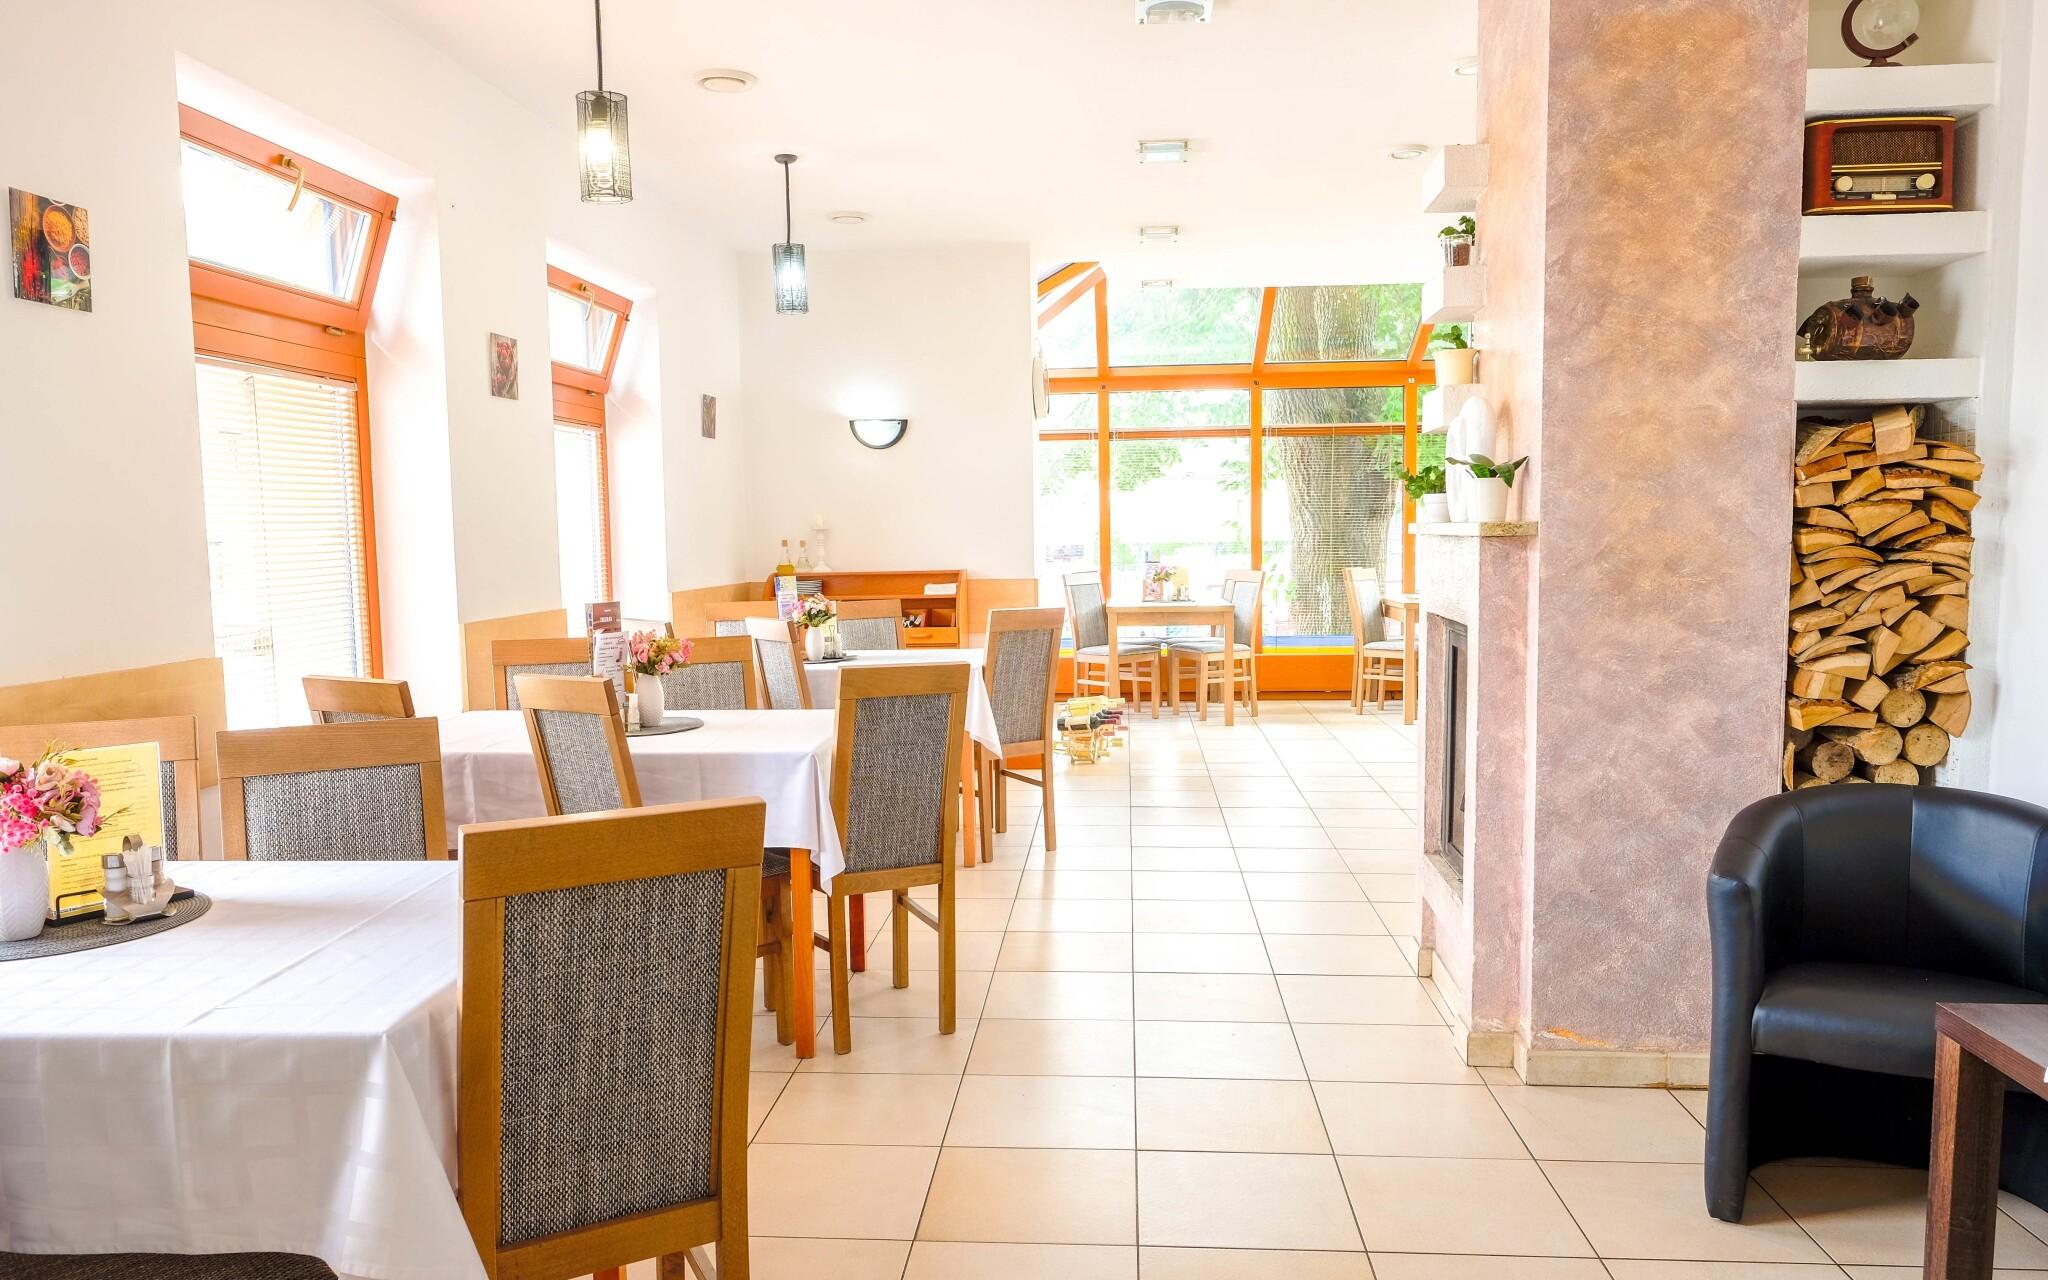 Reštaurácia Penziónu Kamenec, kde sa podáva polpenzia